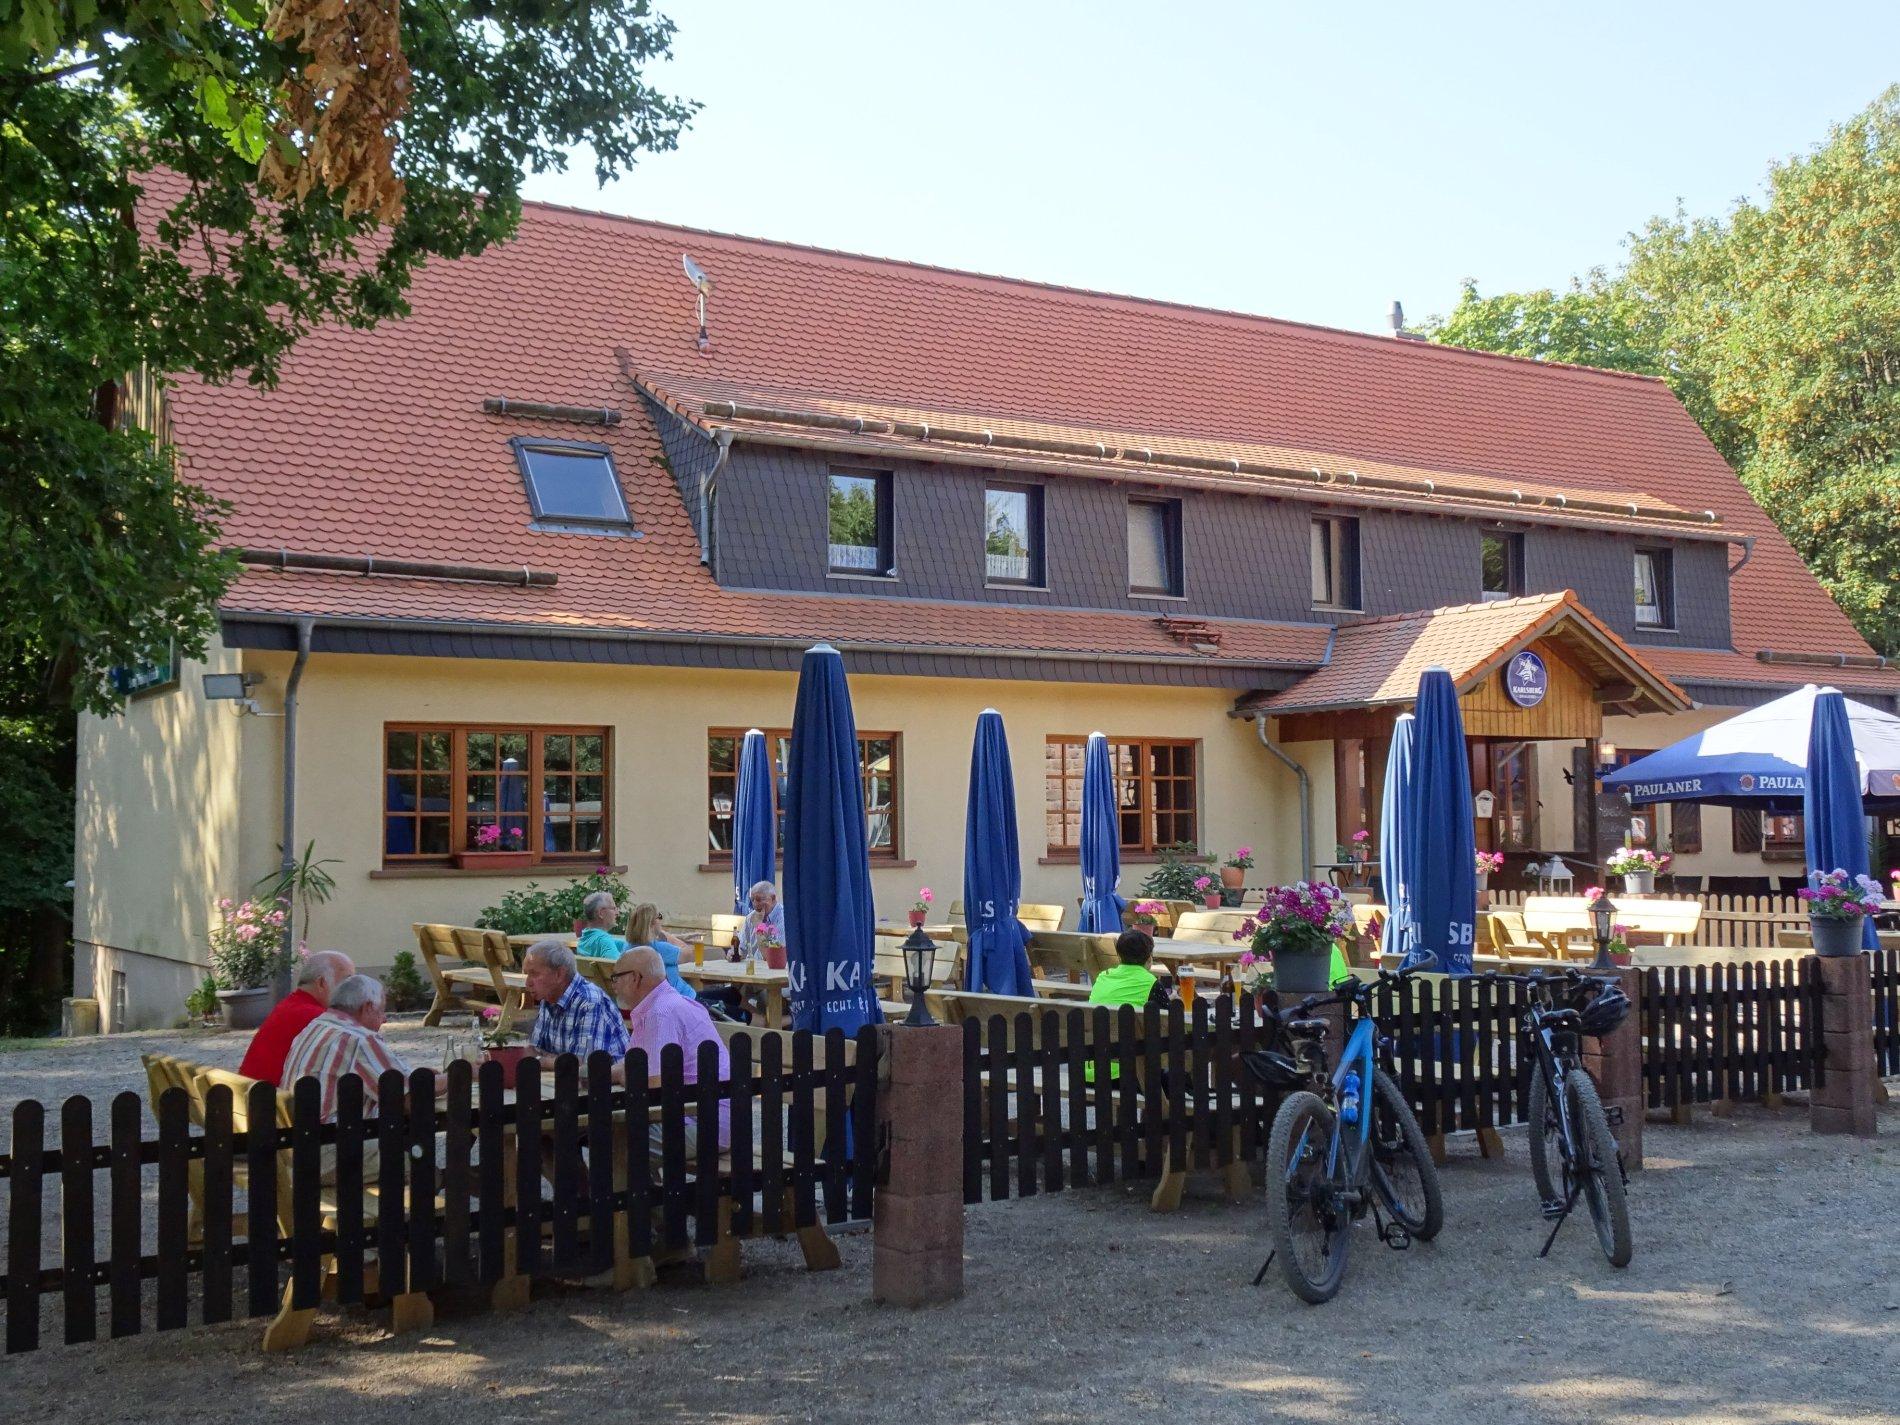 Biergarten mit blauen Sonnenschirmen